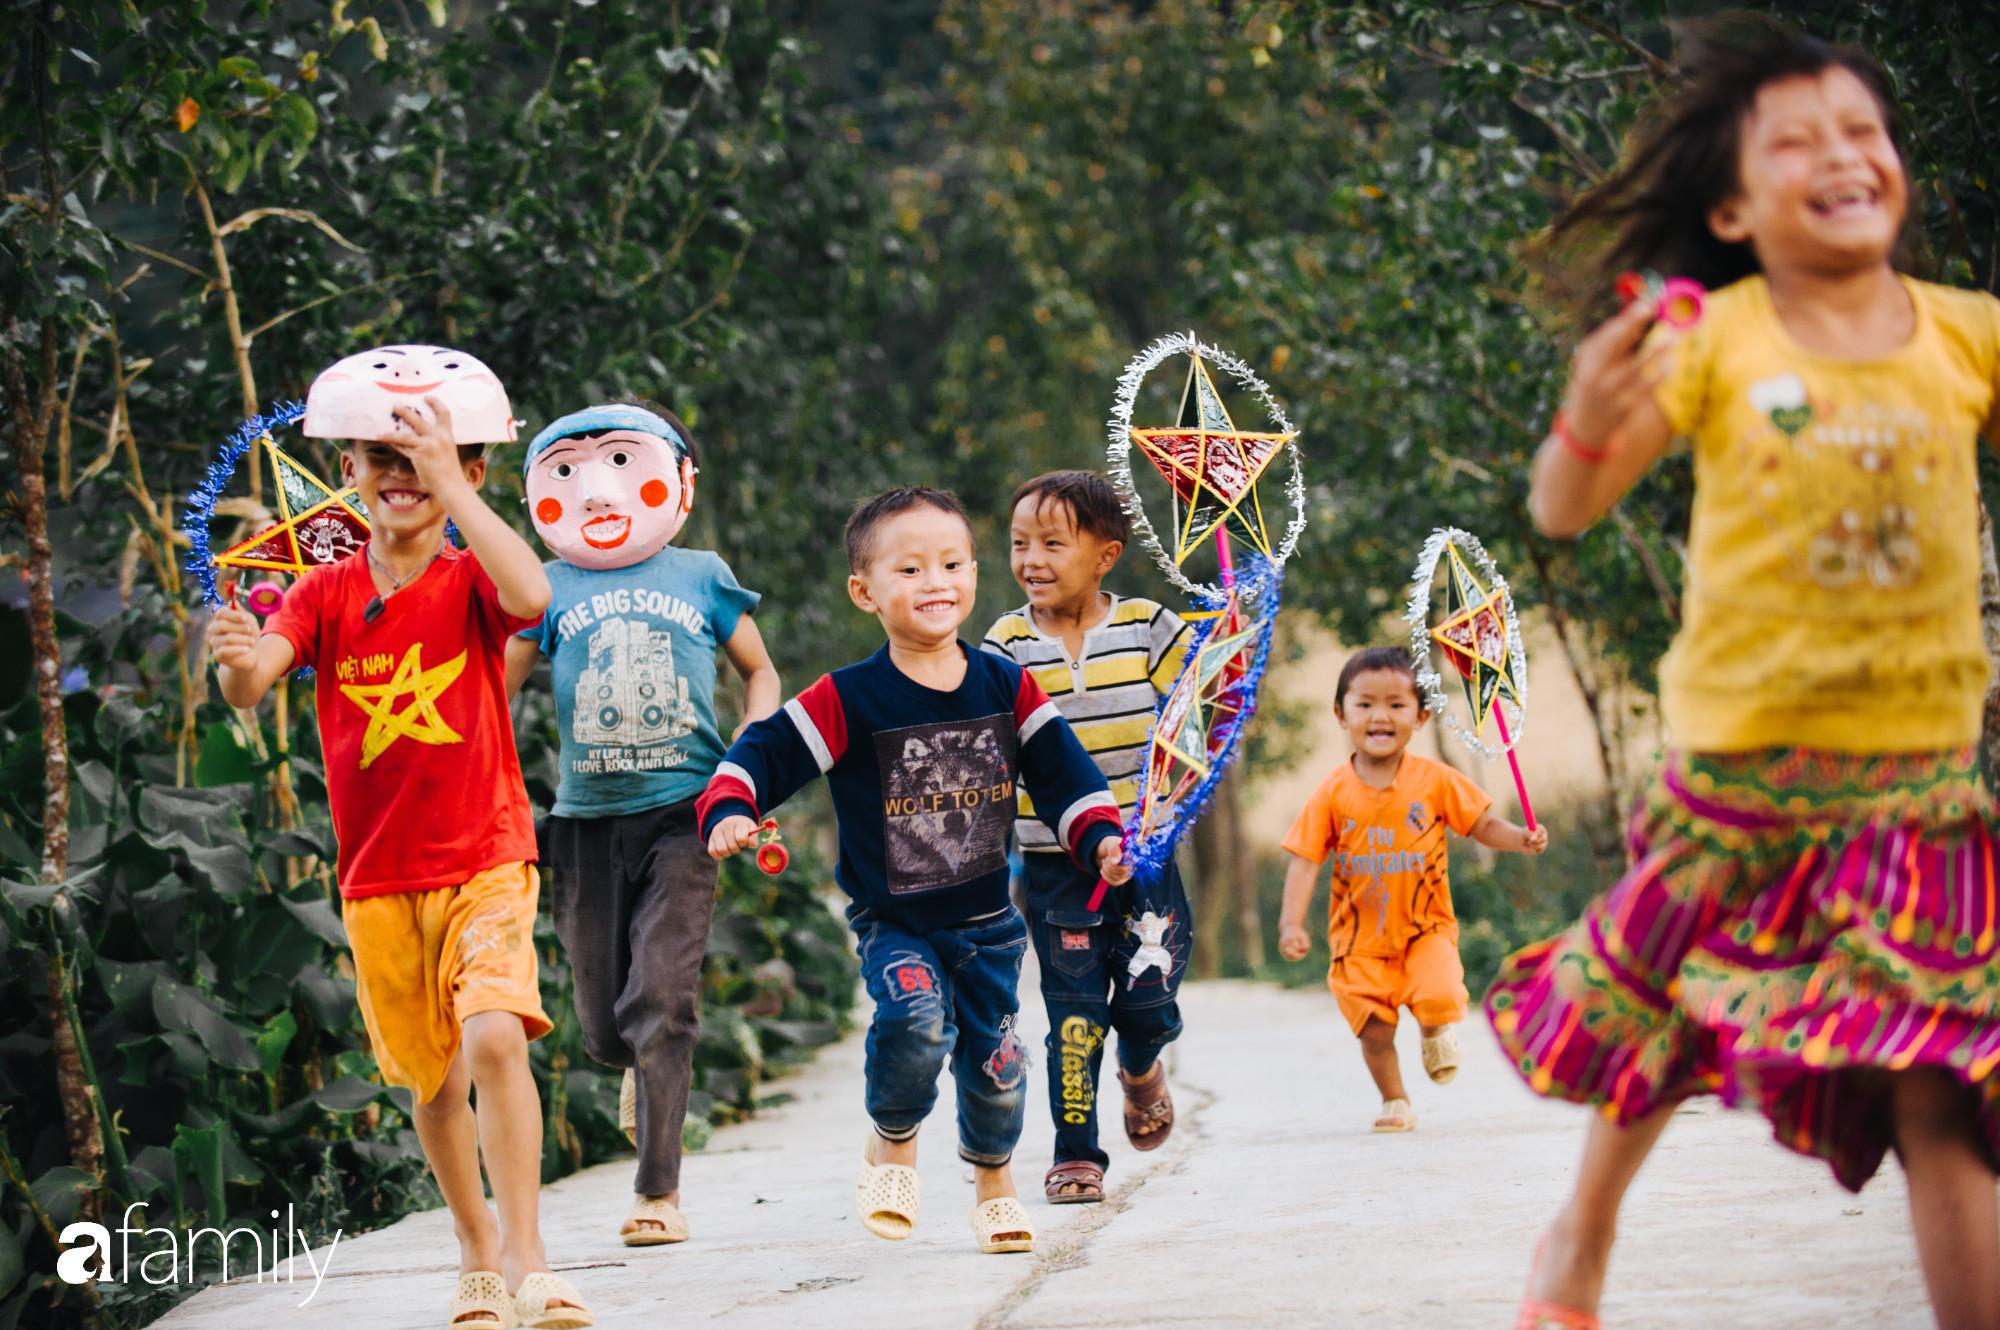 Mang Tết Trung Thu cho những đứa trẻ vùng cao nguyên đá, chúng tôi đổi lấy được nụ cười giòn và tươi như nắng - Ảnh 20.